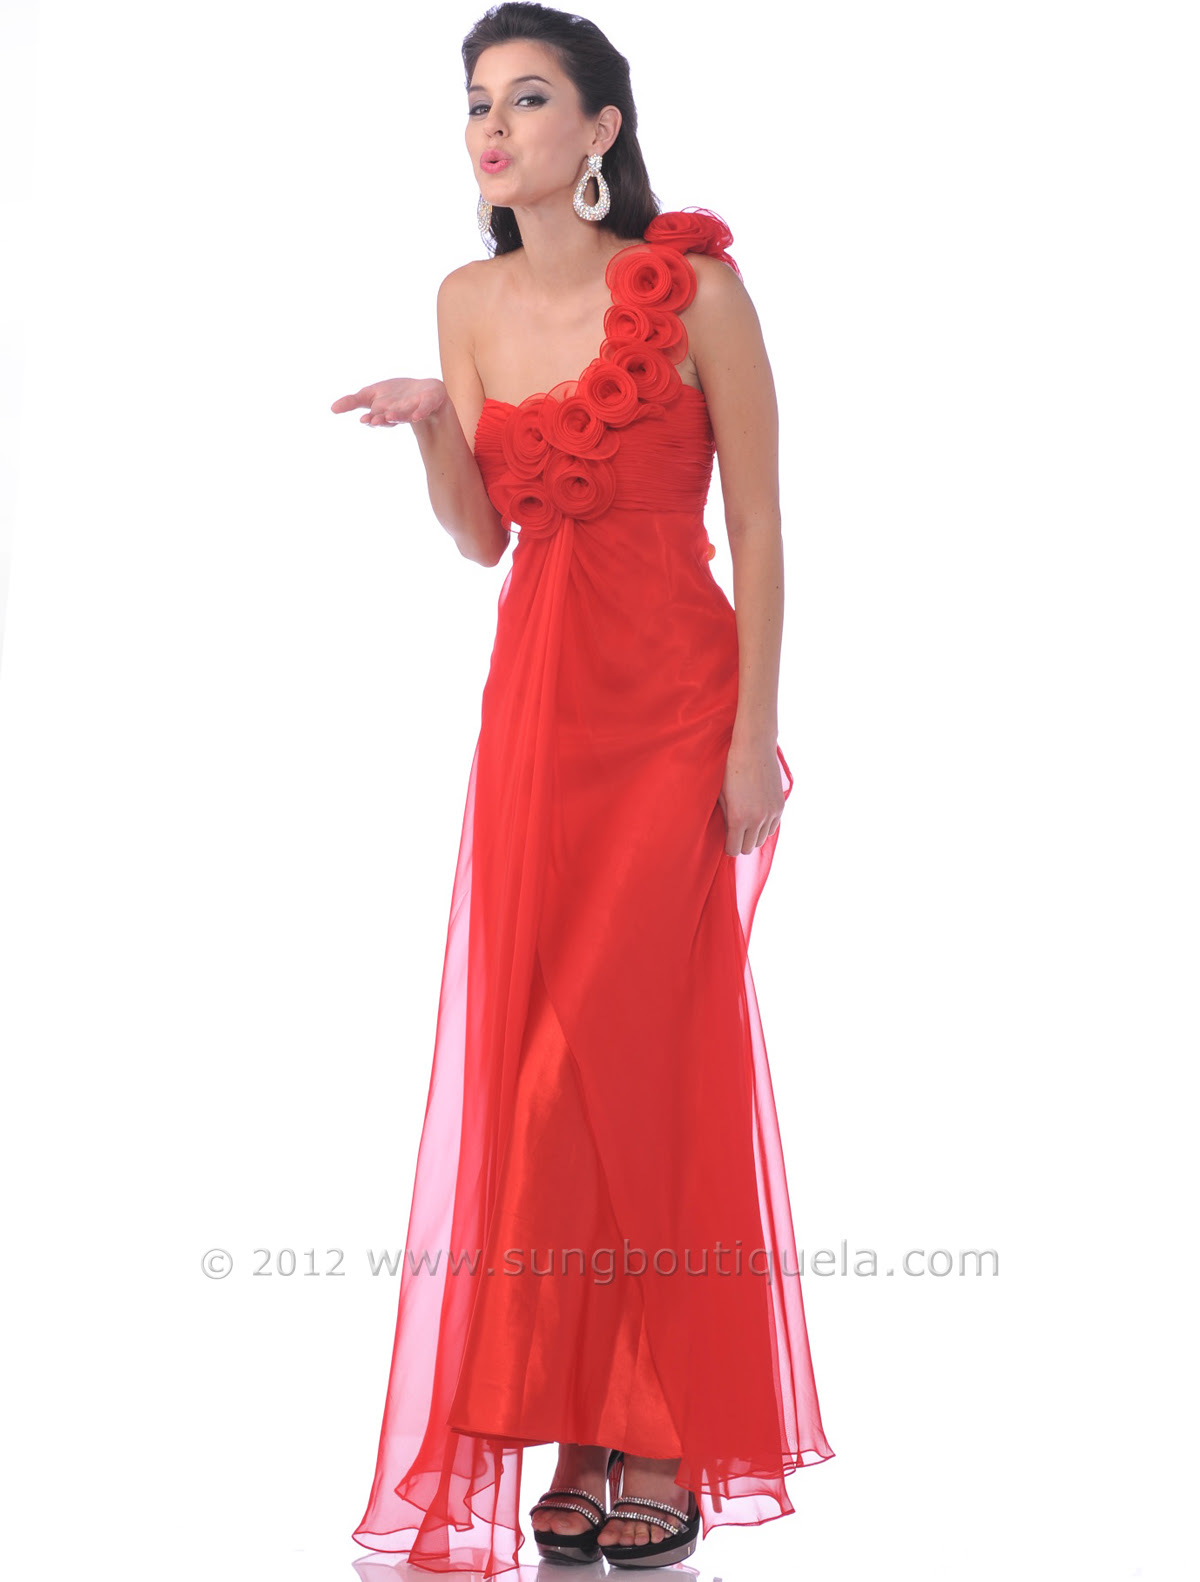 Red evening dress one shoulder